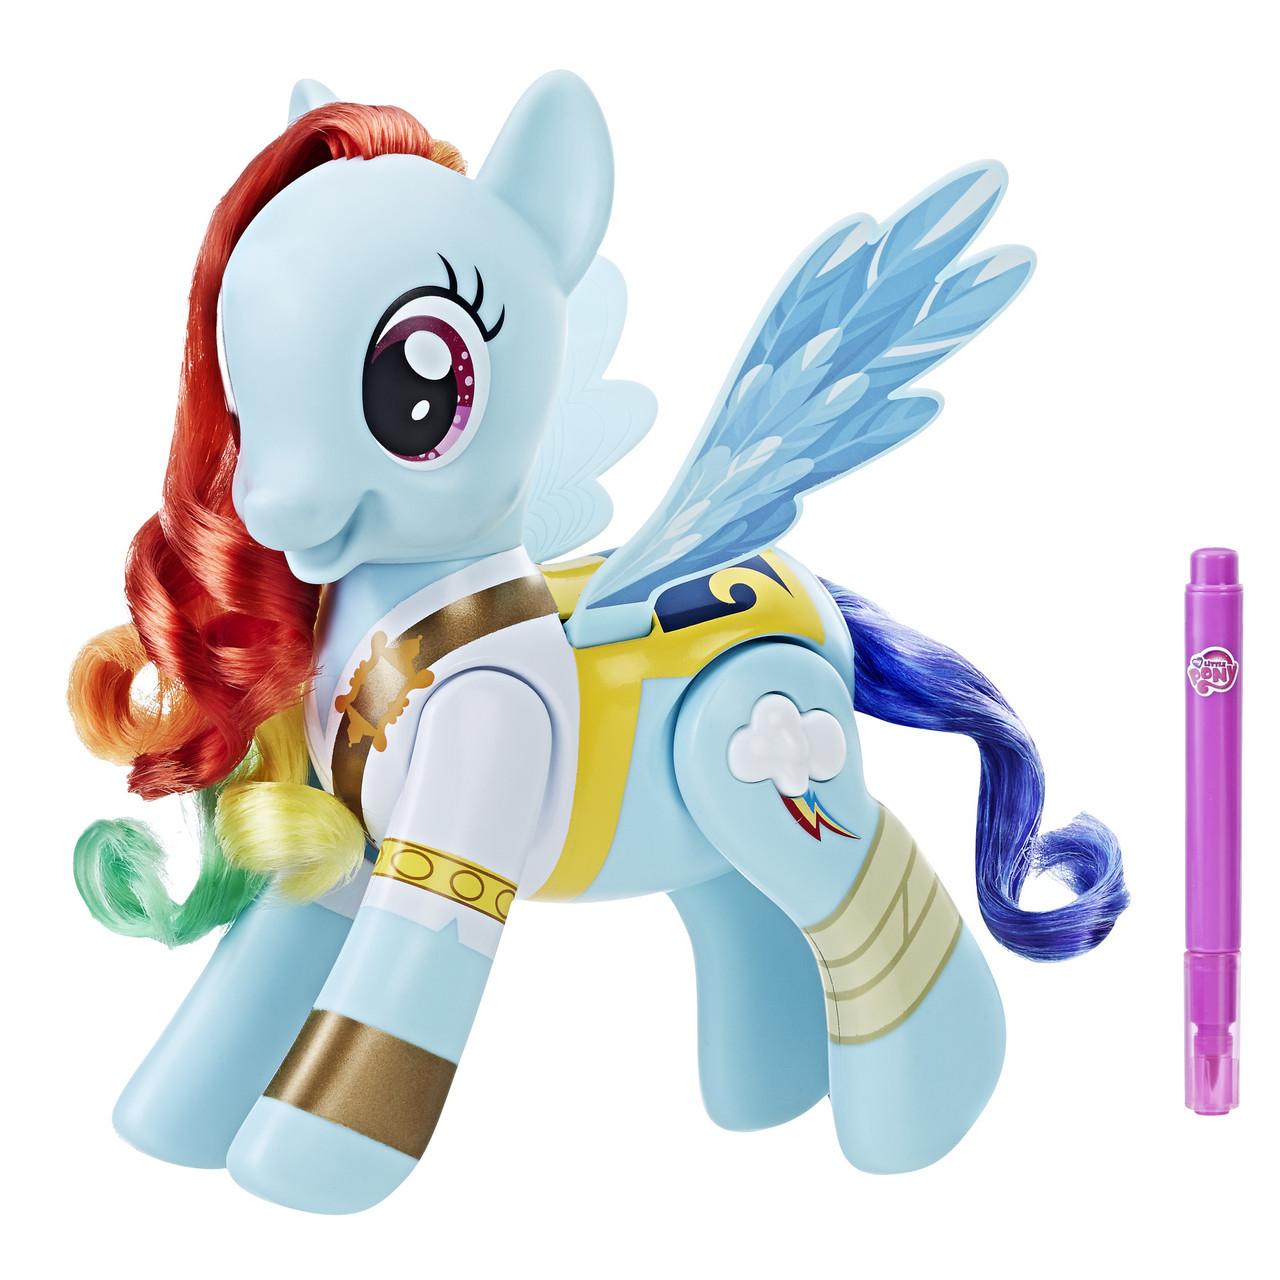 Интерактивная пони Радуга My Little Pony the Movie Flip & Whirl Pirate Rainbow Dash